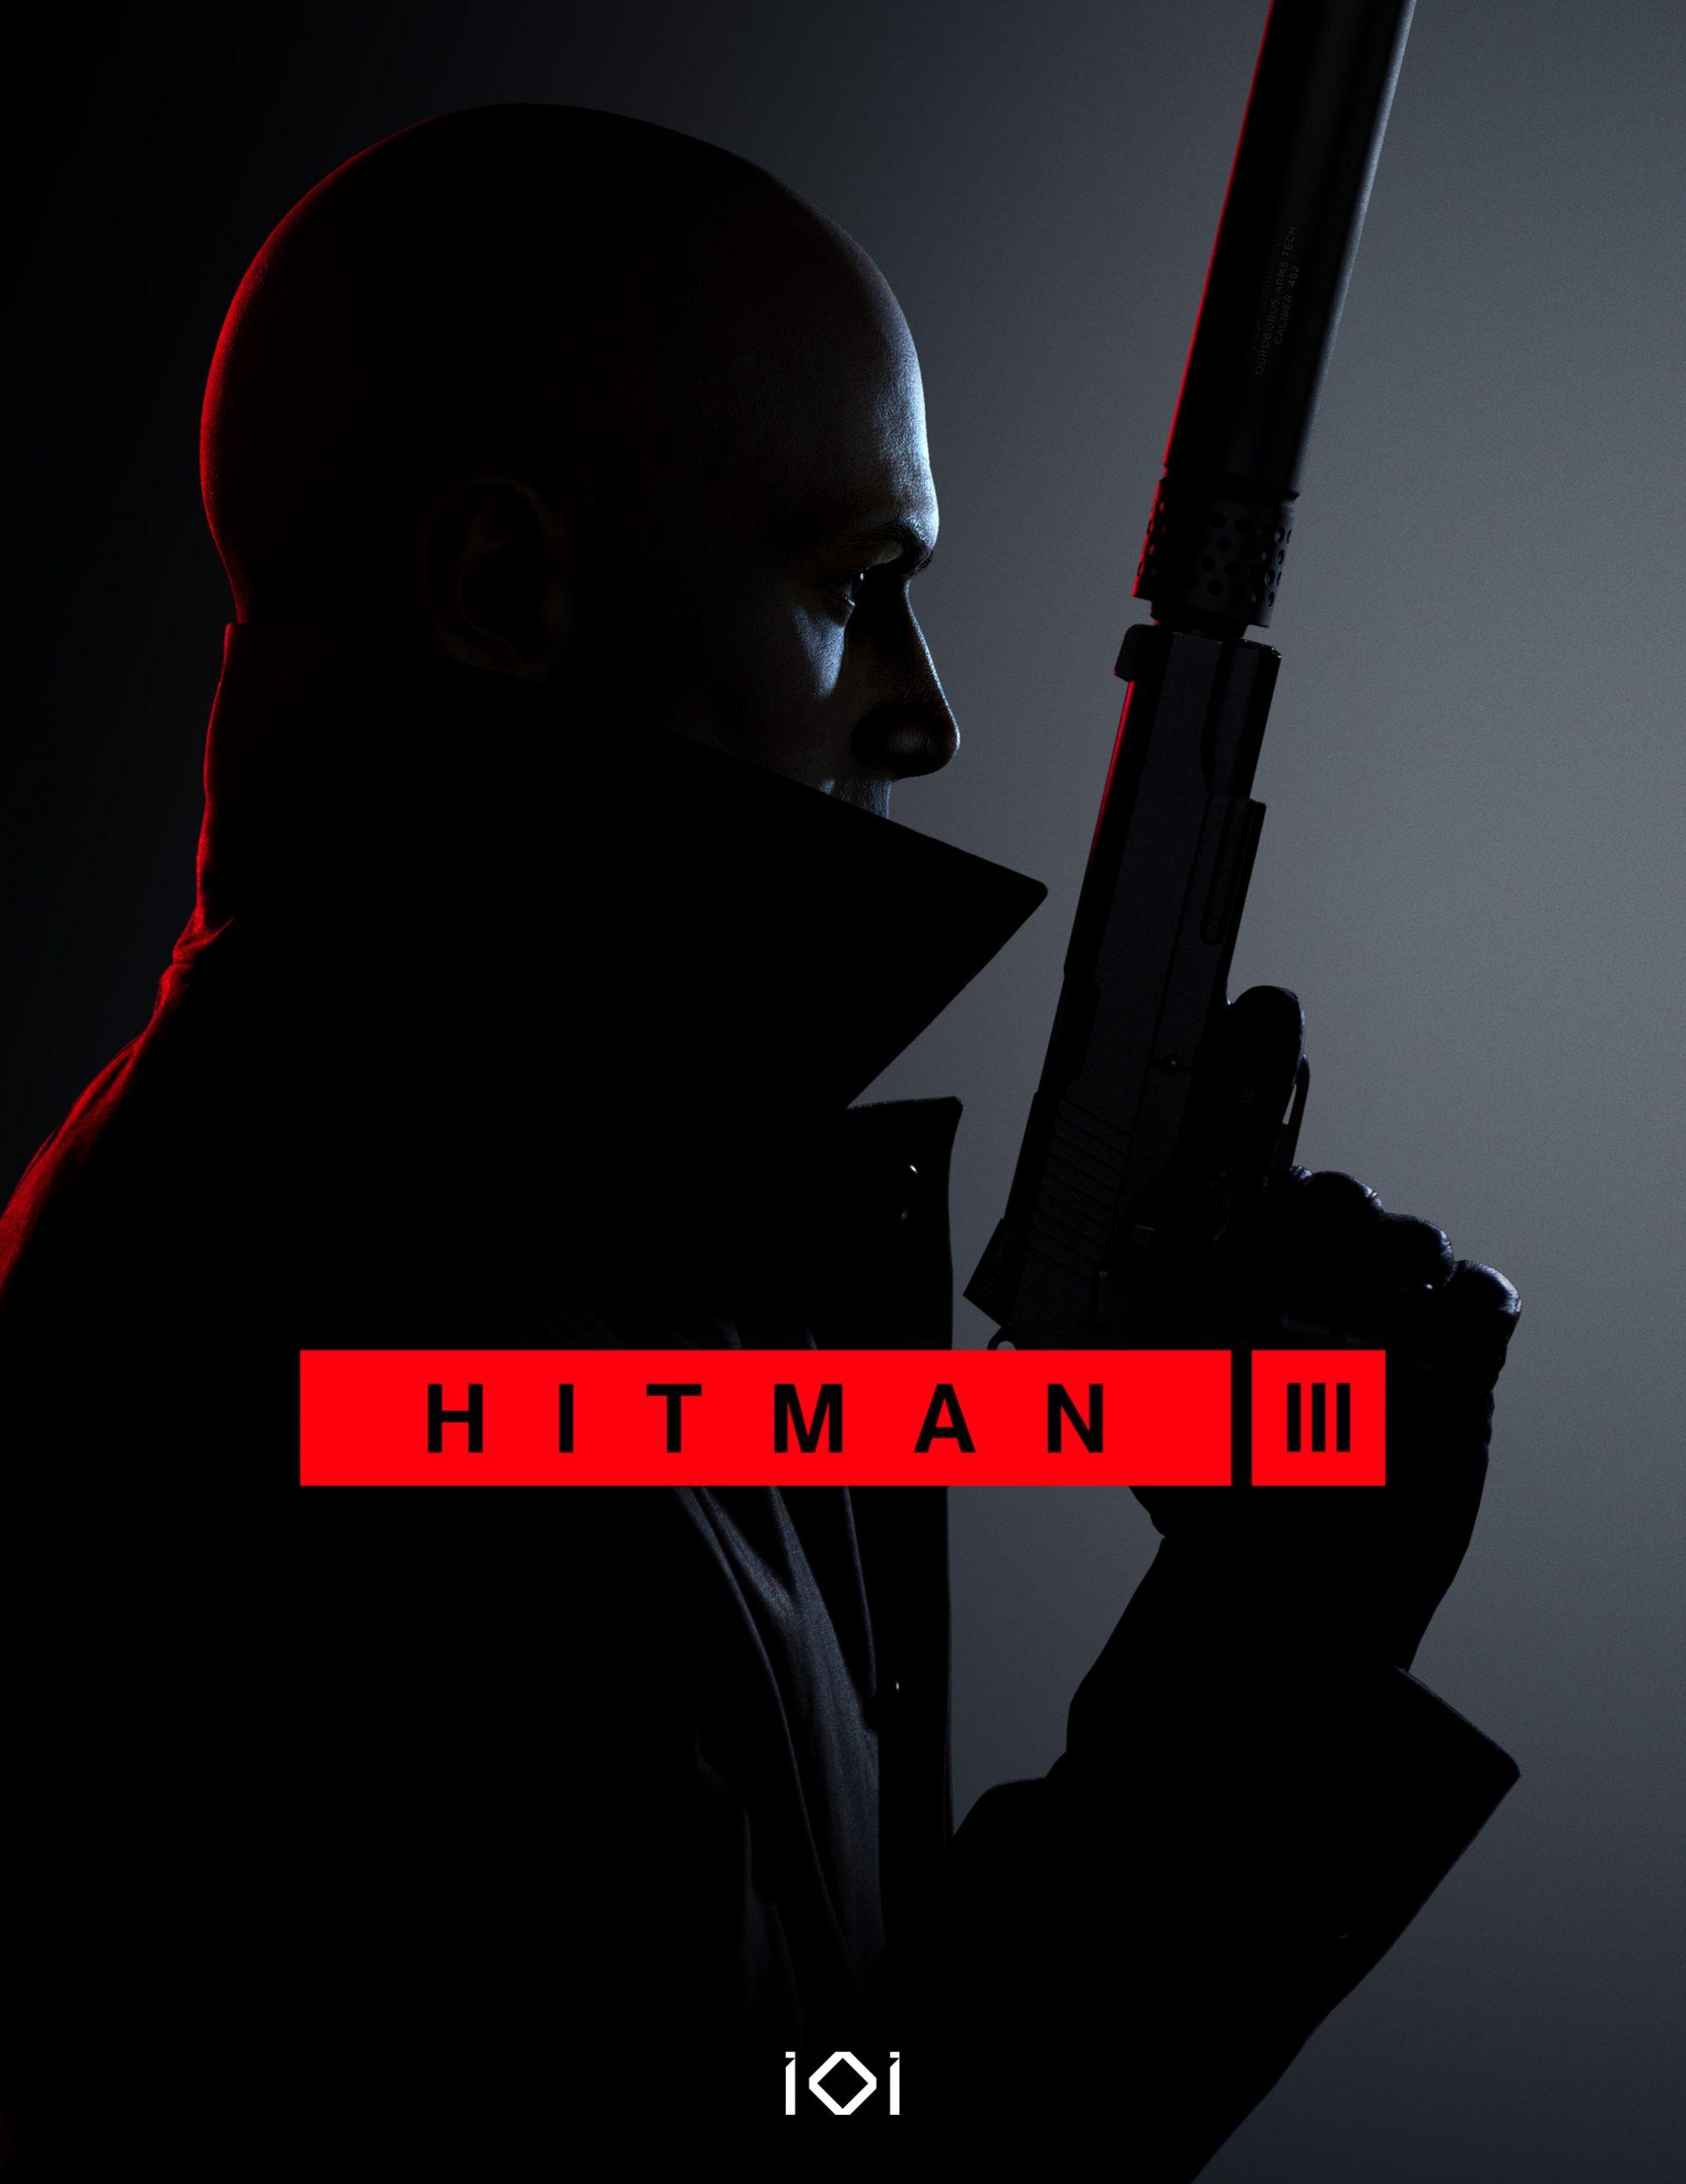 Hitman III